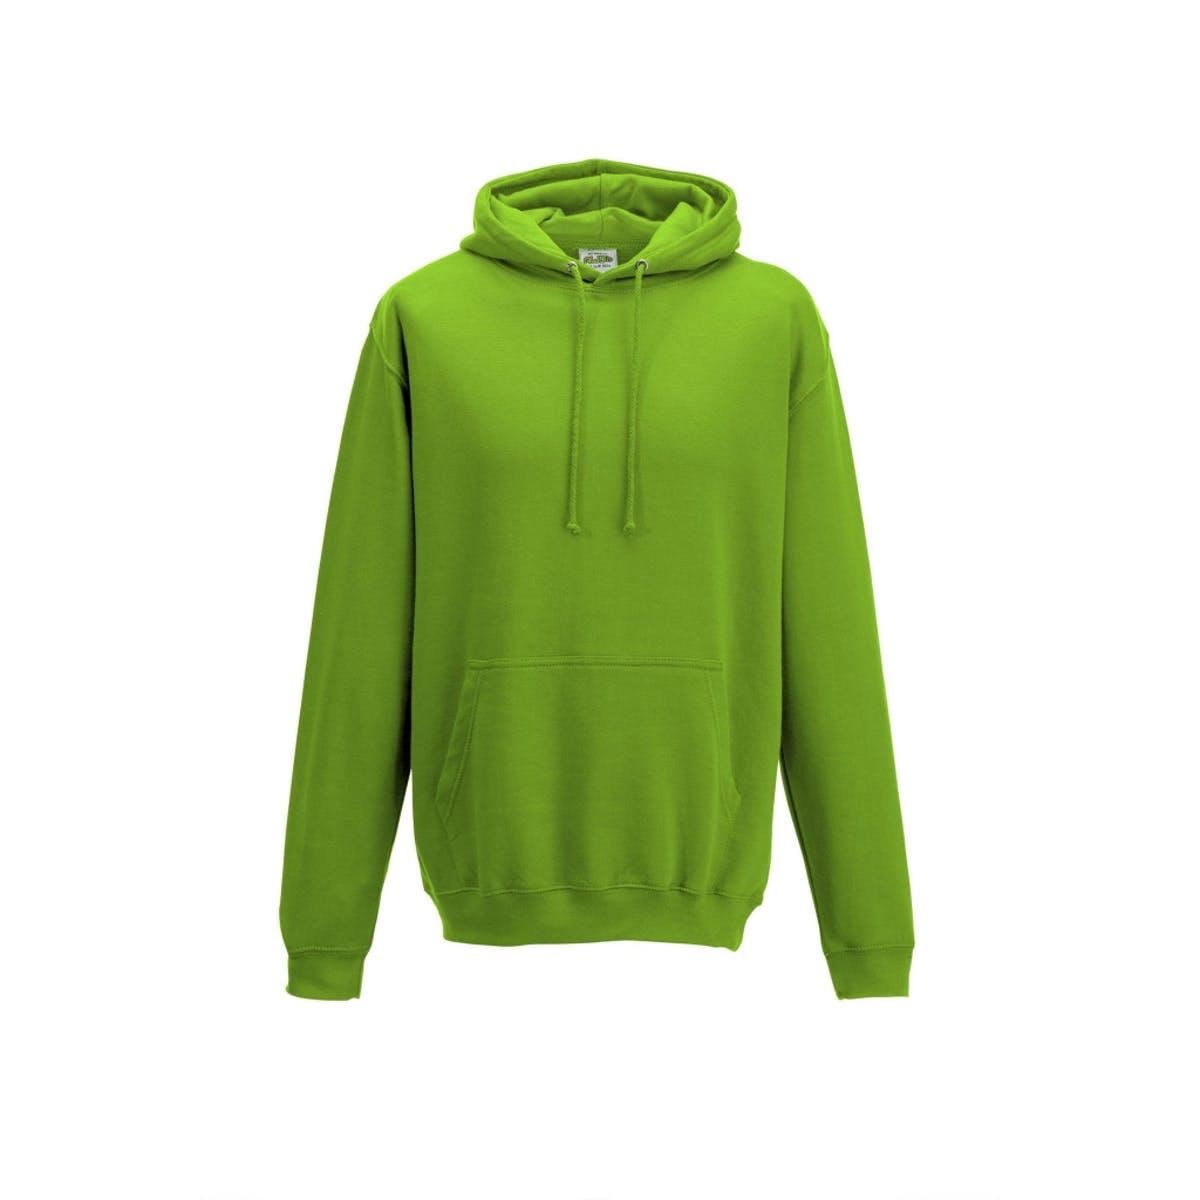 alien green college hoodies